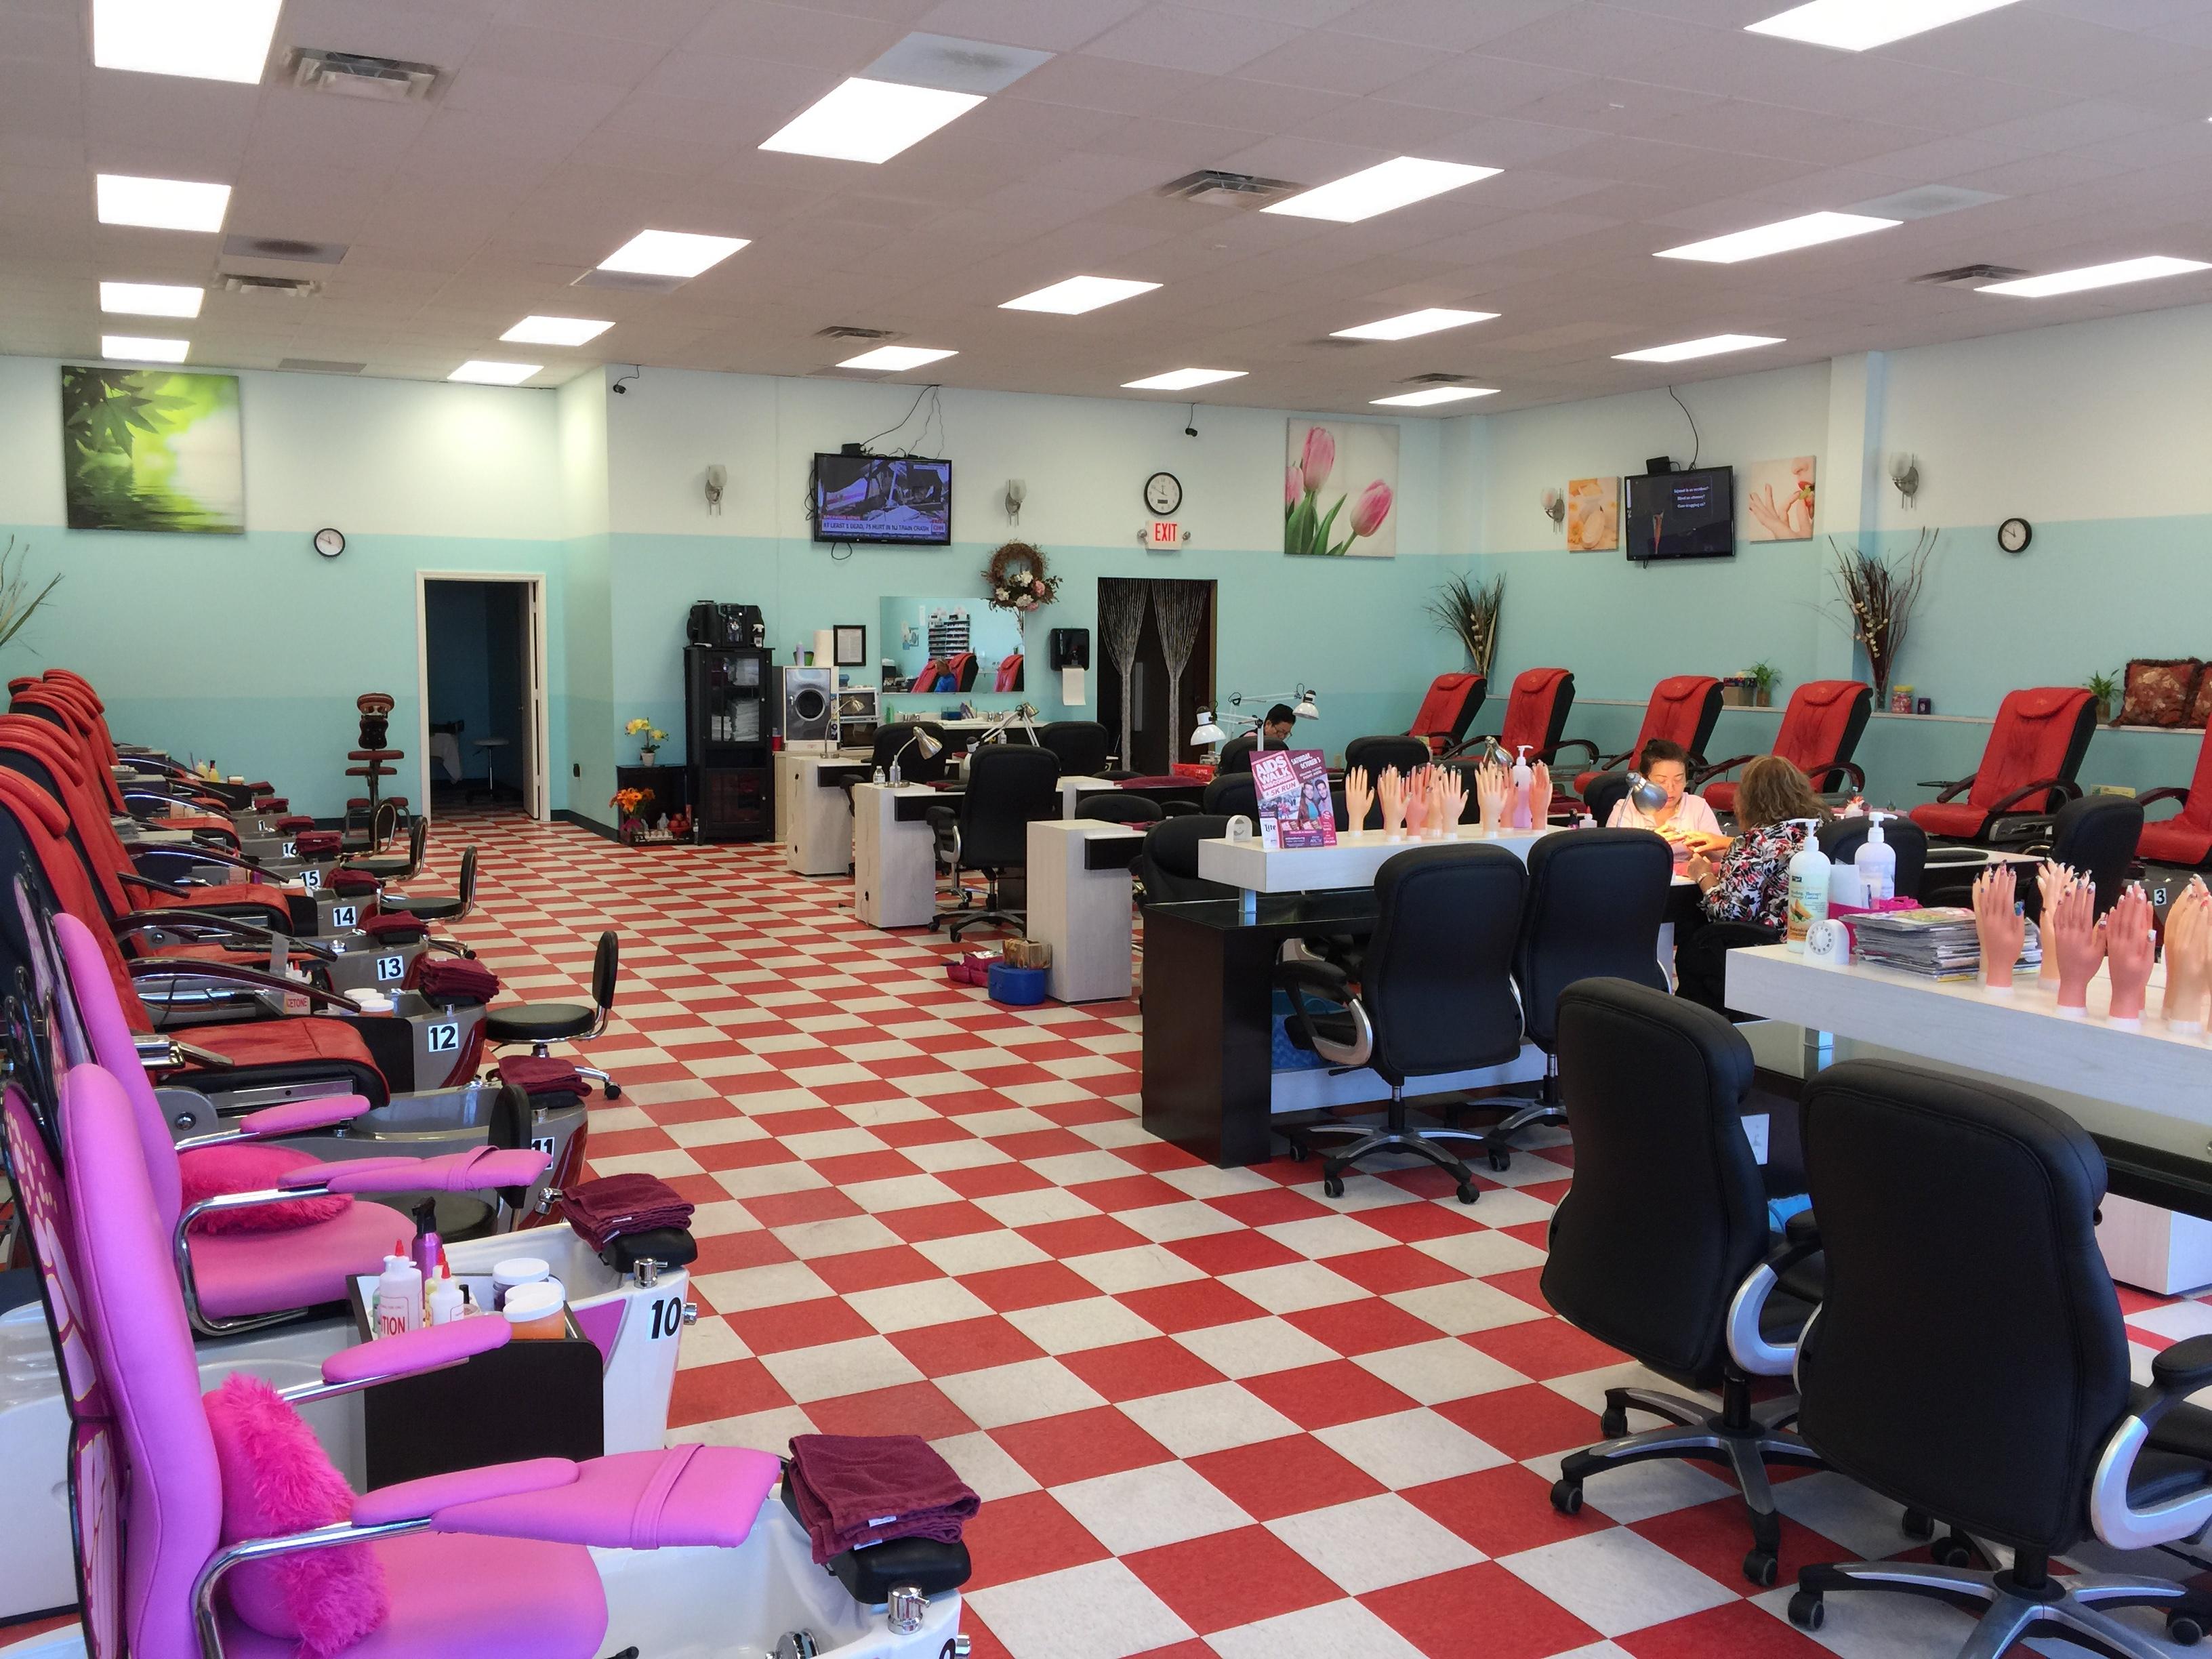 VIP Nails & Spa image 3